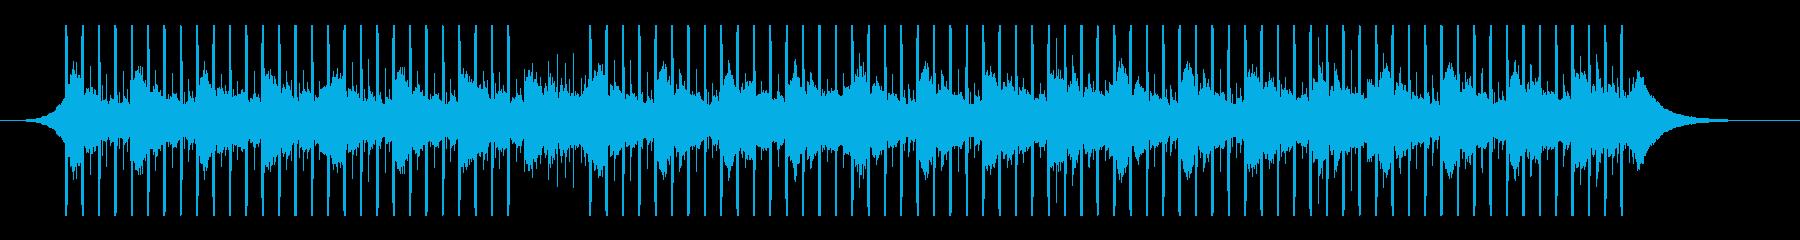 インタビュー(60秒)の再生済みの波形